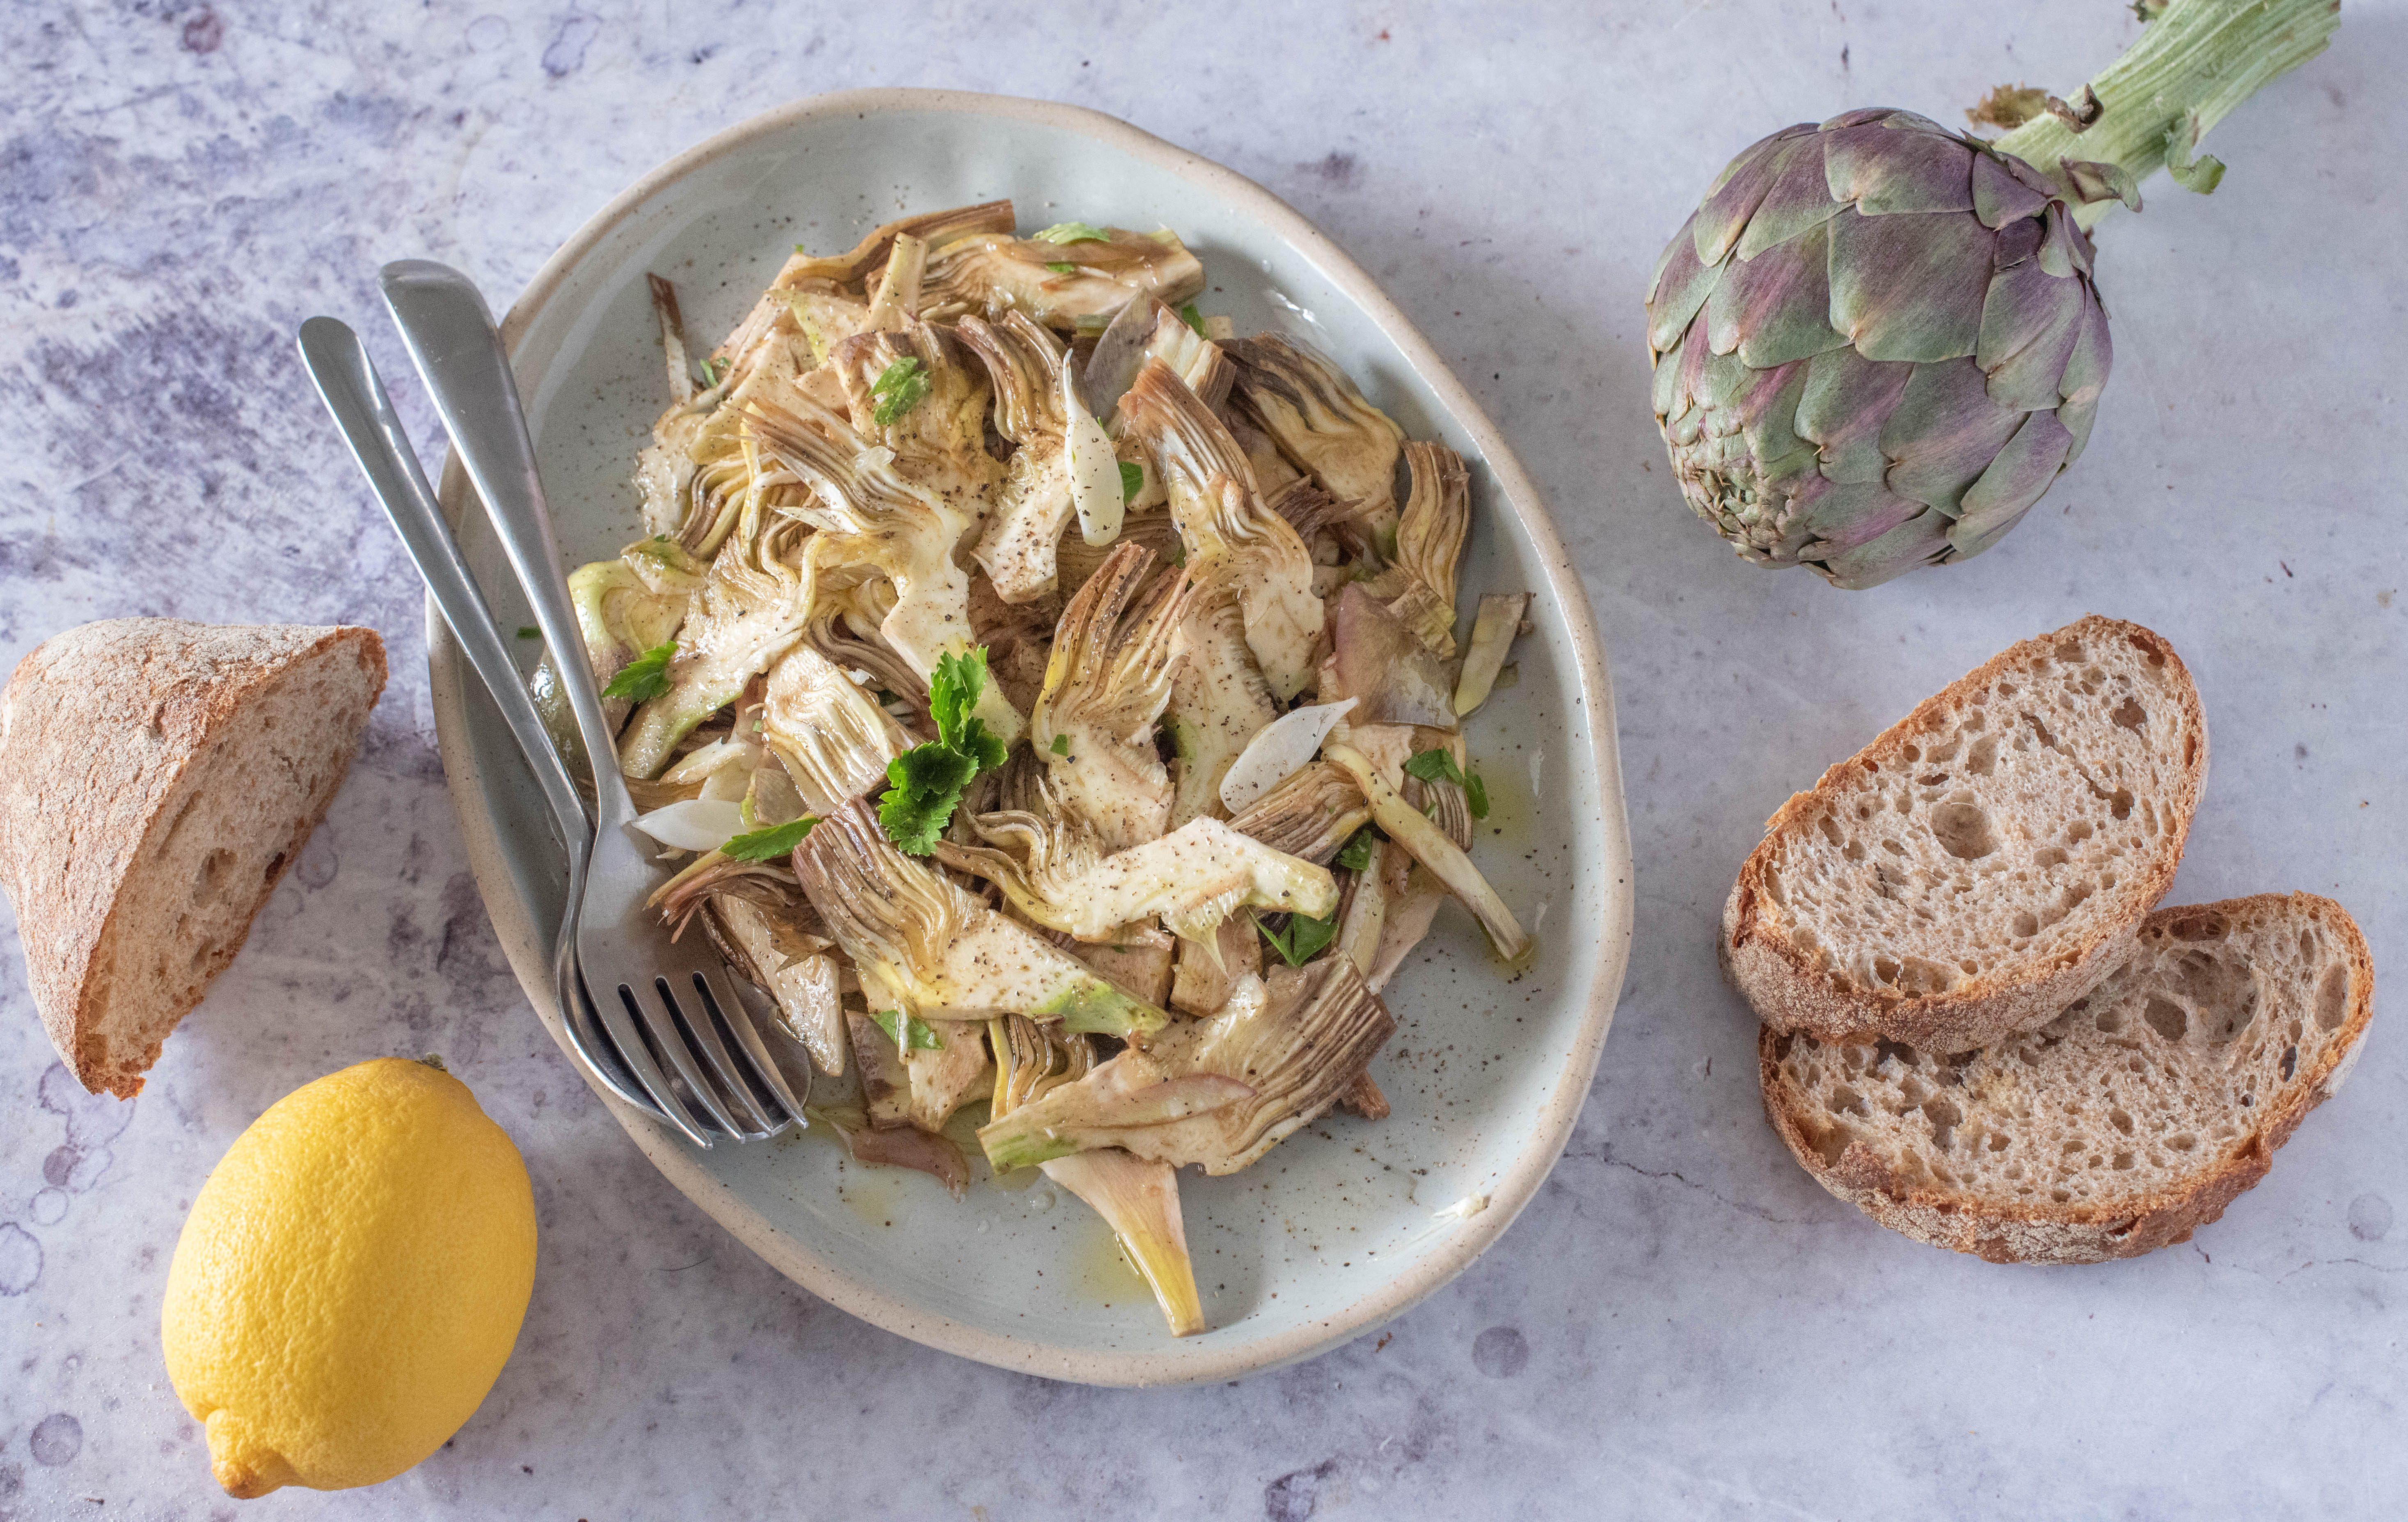 Carciofi marinati crudi: la ricetta del contorno fresco e croccante